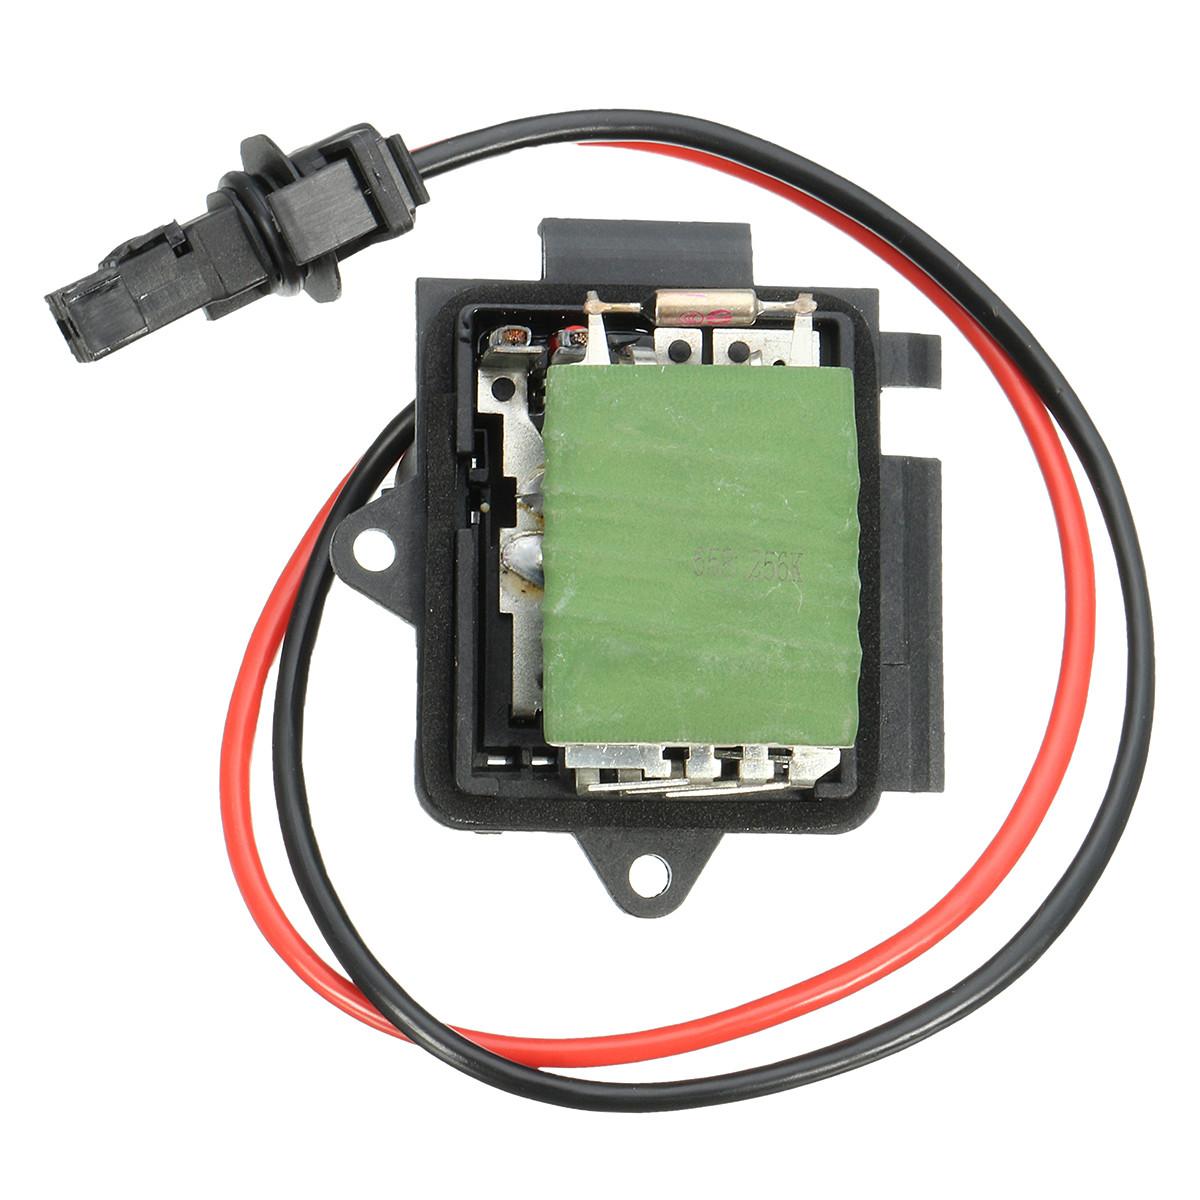 Управление Нагреватель Вентилятор Мотор Реле разряда 7701046941 Для Renault Scenic 99-03 - 1TopShop